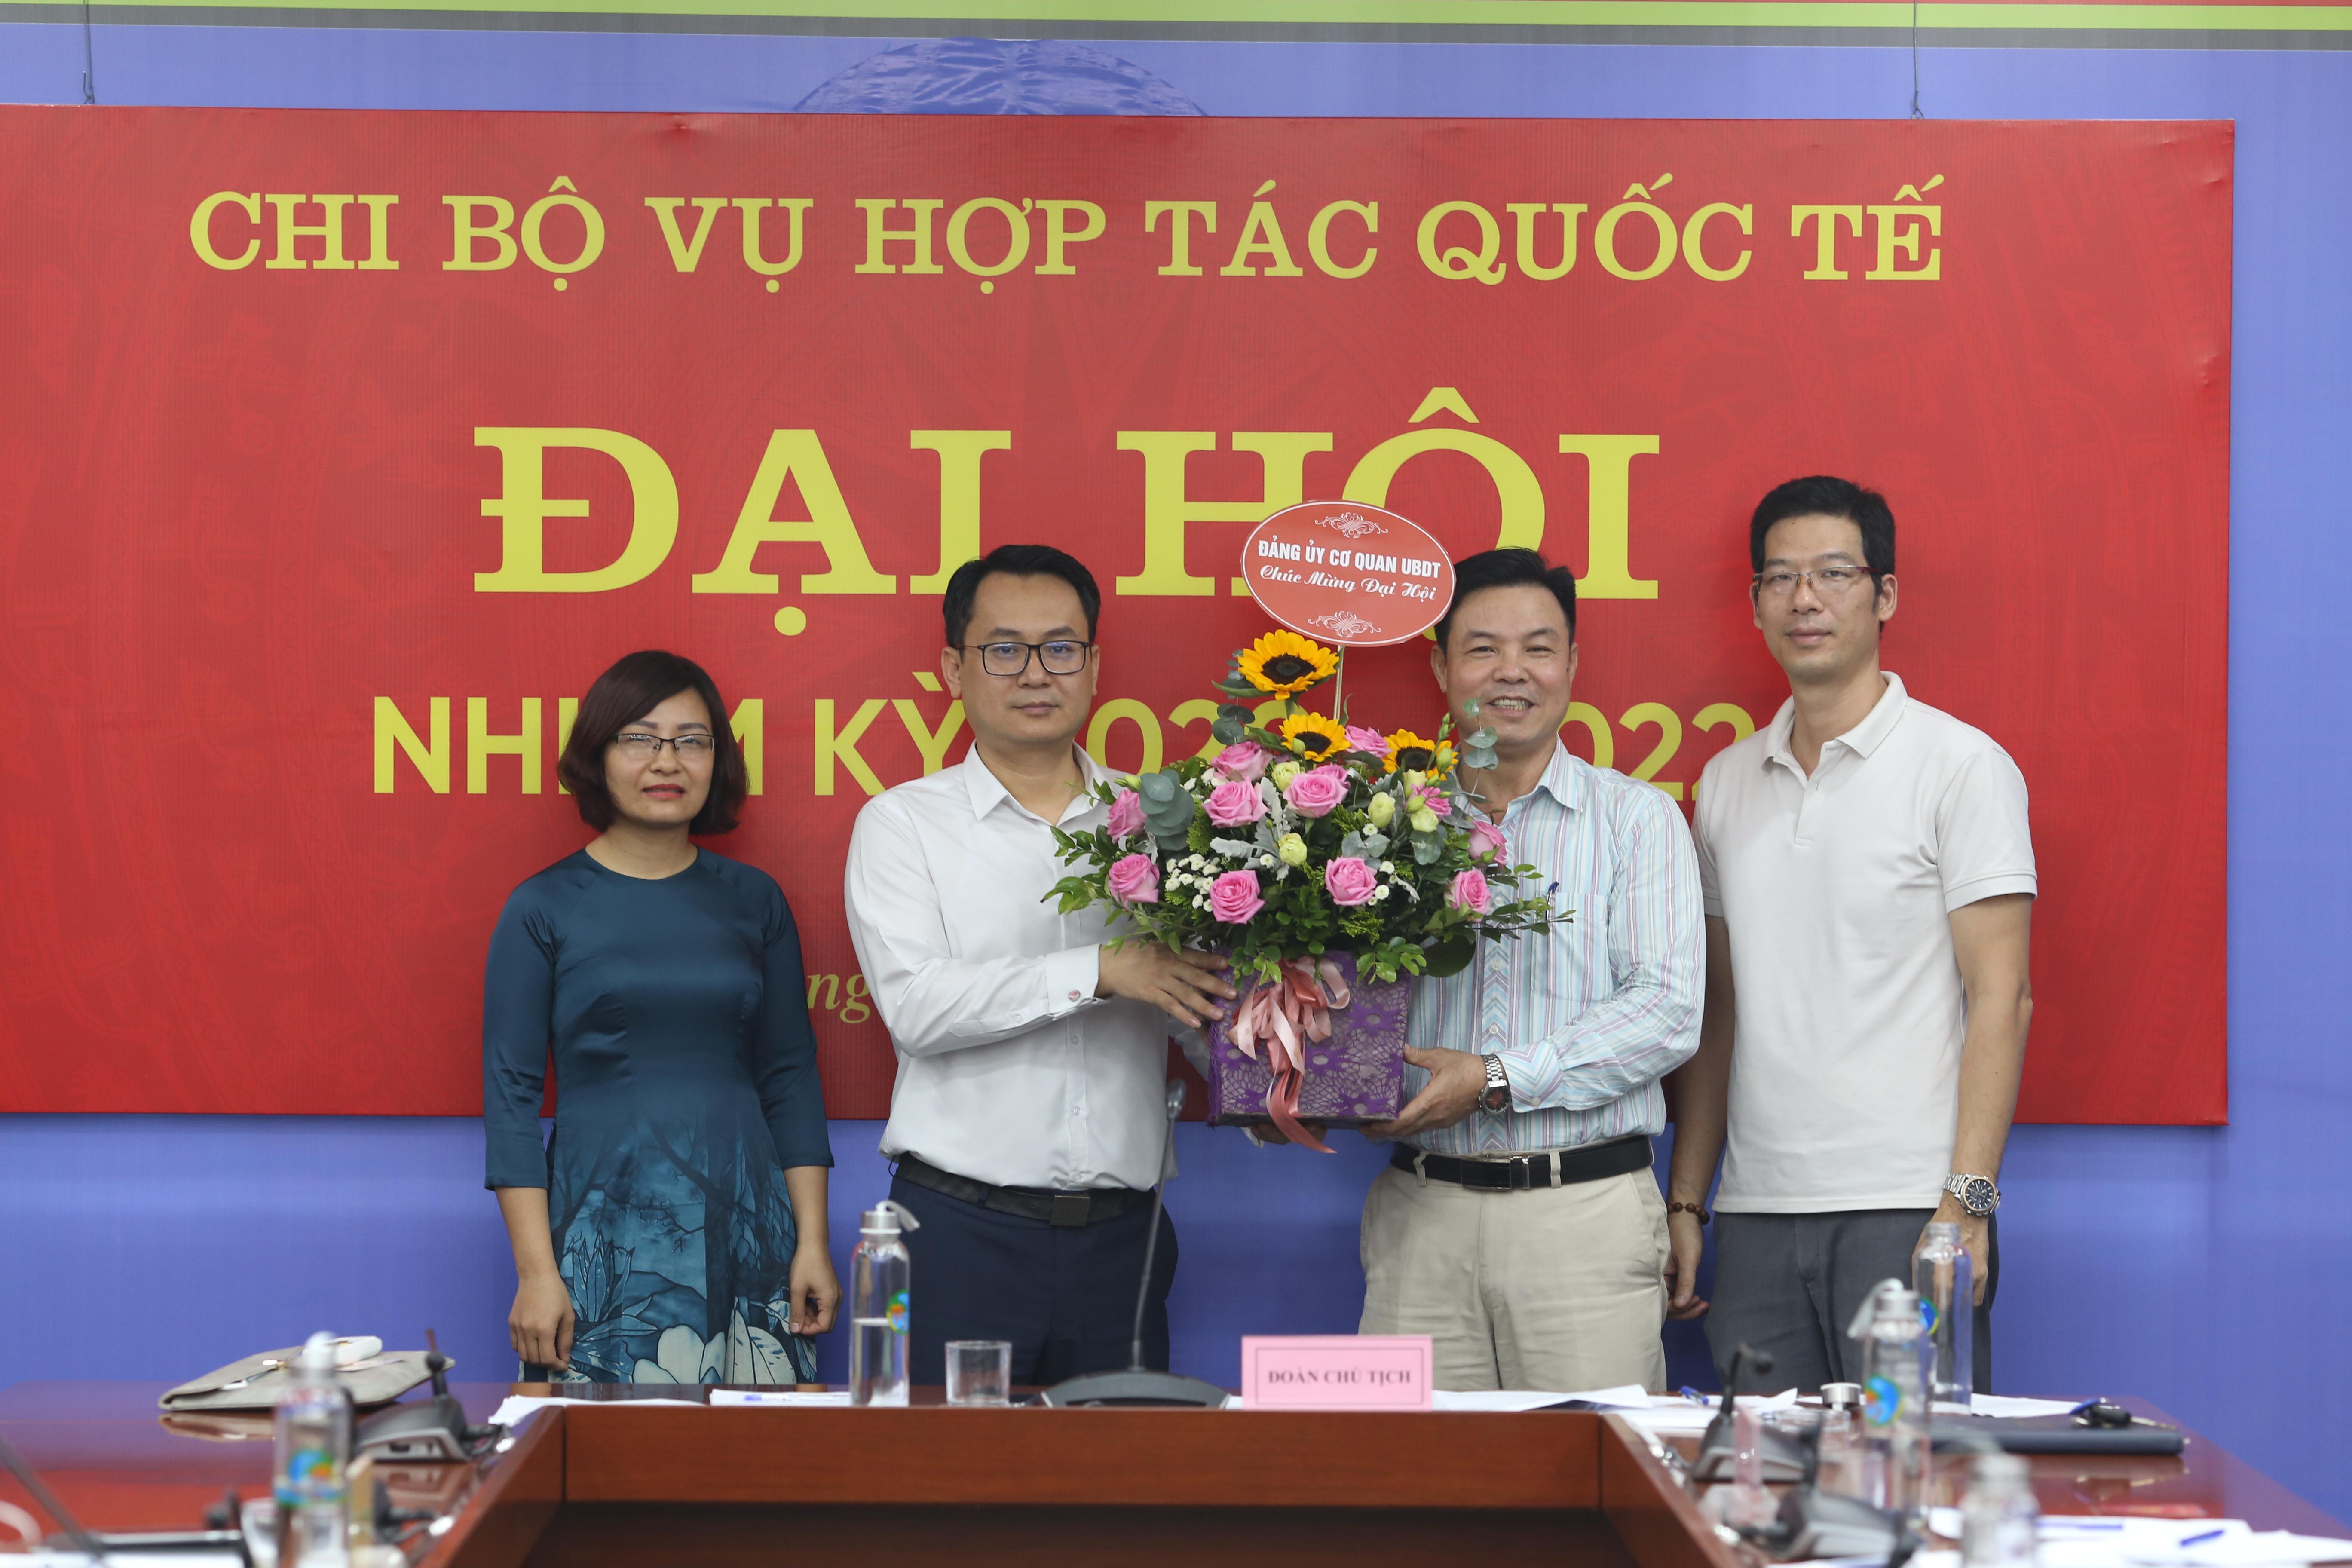 Đồng chí Nguyễn Văn Phong thay mặt Ban Thường vụ Đảng ủy cơ quan UBDT tặng hoa chúc mừng Đại hội